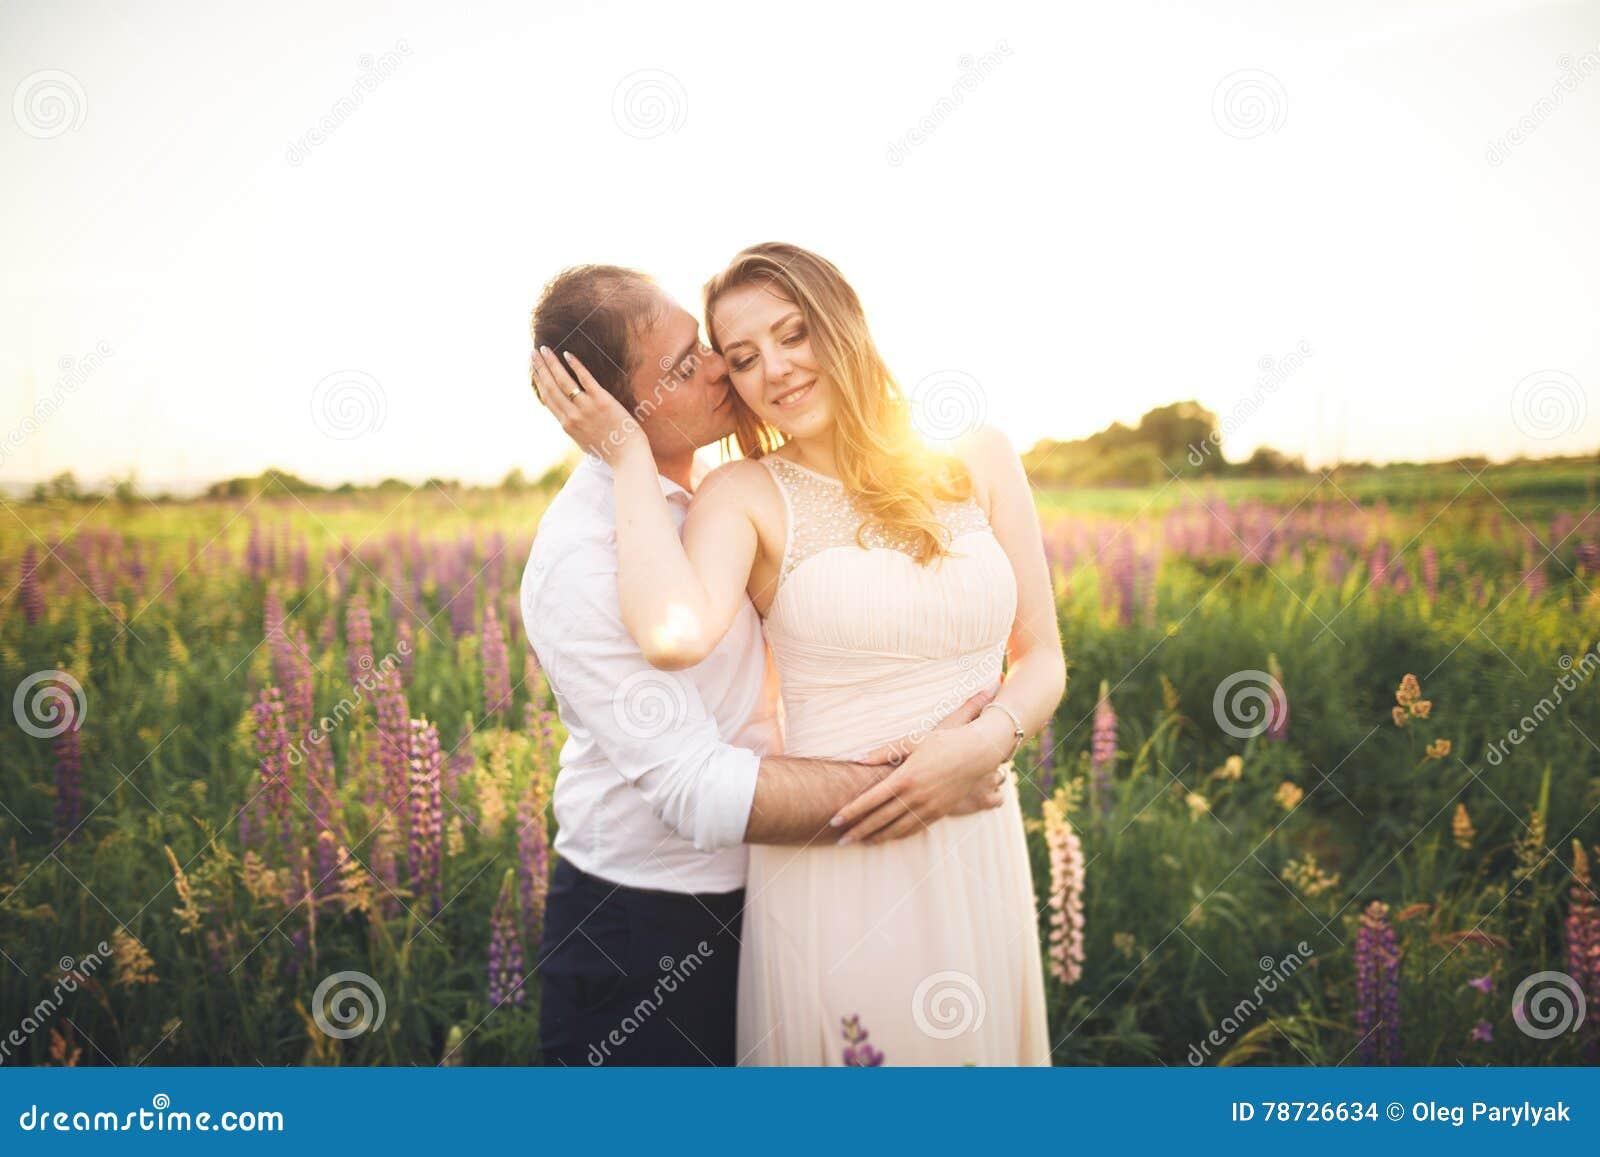 Bruden rymmer brudgummens hals, medan han kysser henne i strålarna av solnedgången